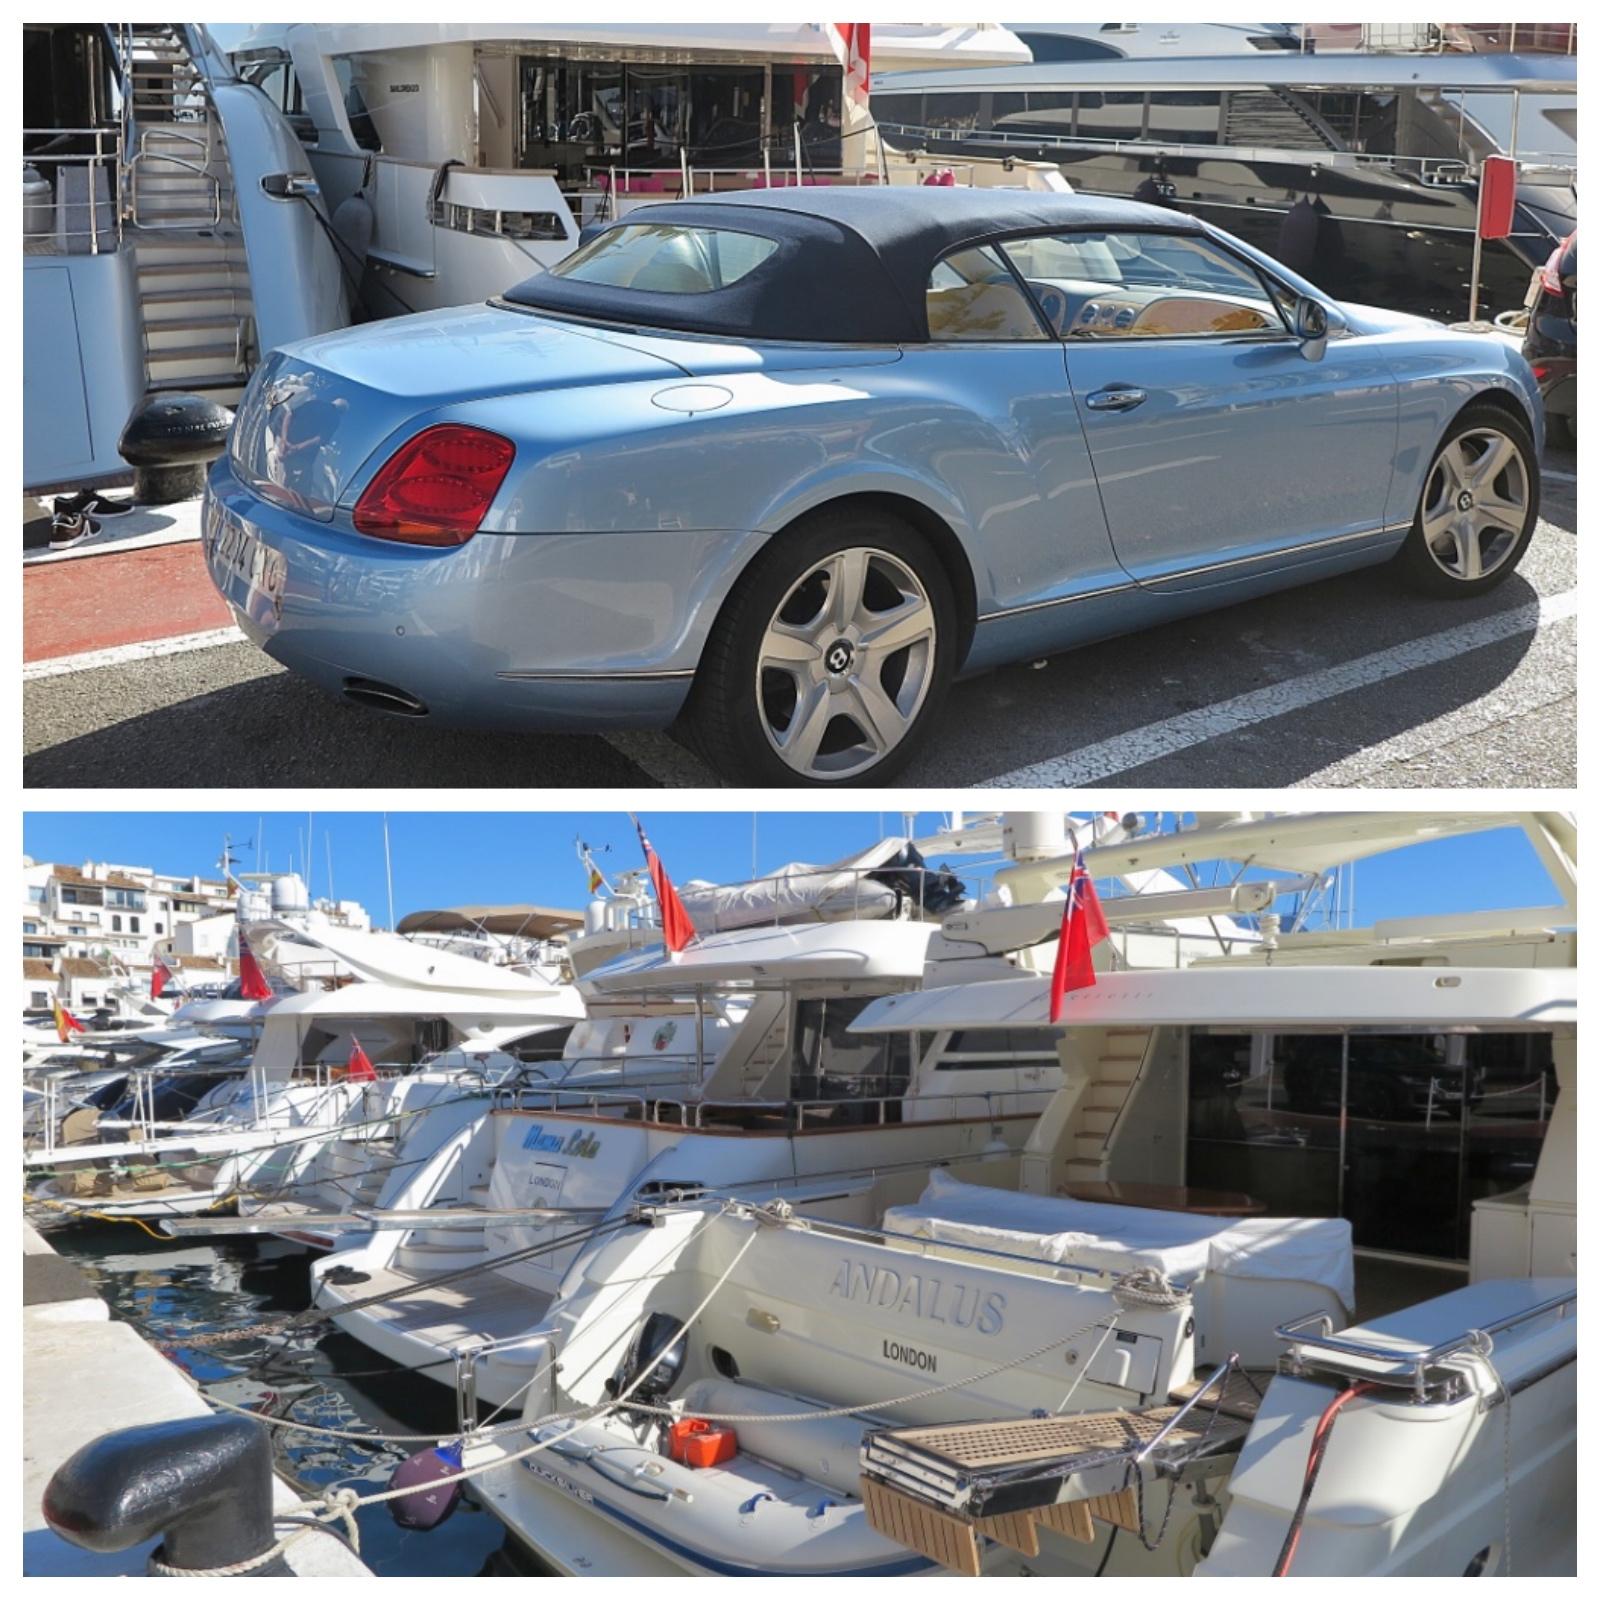 Bentley Gtc Convertible He He He: Drivingandlife: MONEYED-UP IN MARBELLA